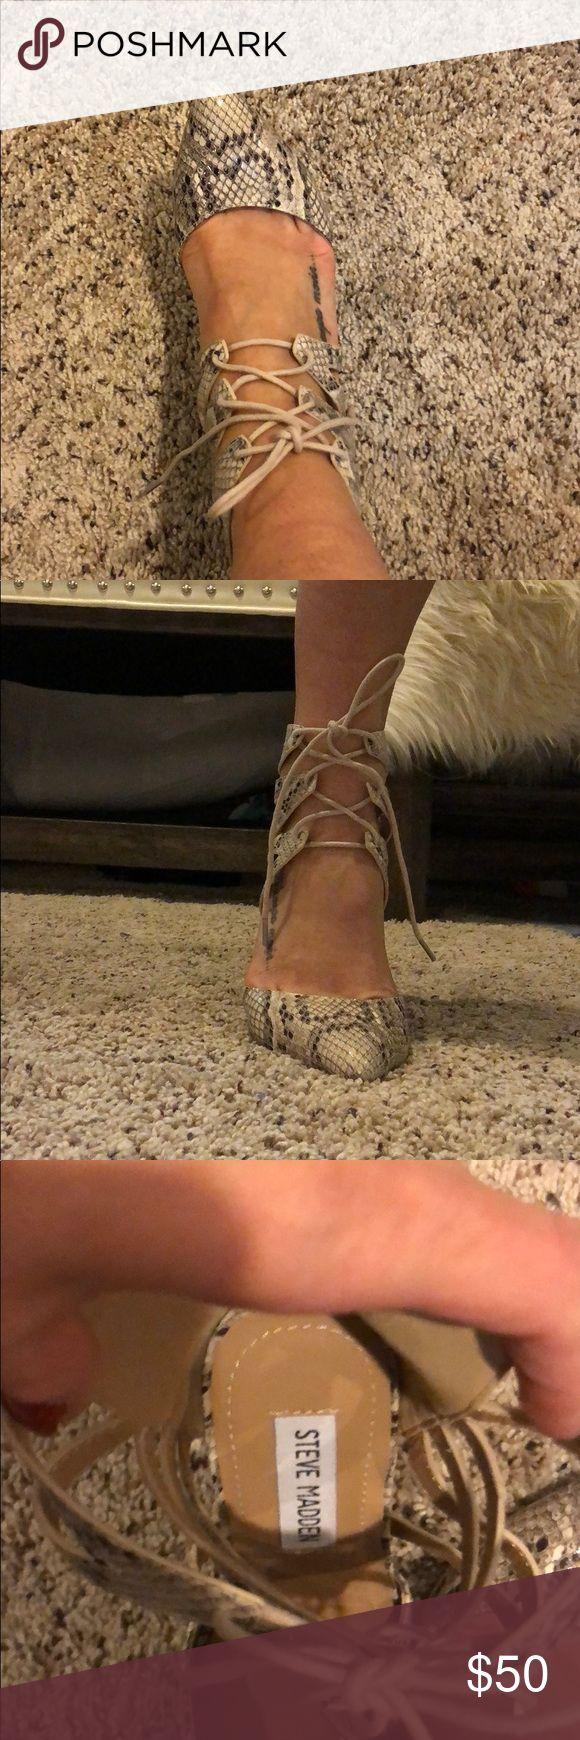 Snake skin shoes Great lace up heels snake skin color size 6 Steve Madden Shoes Heels